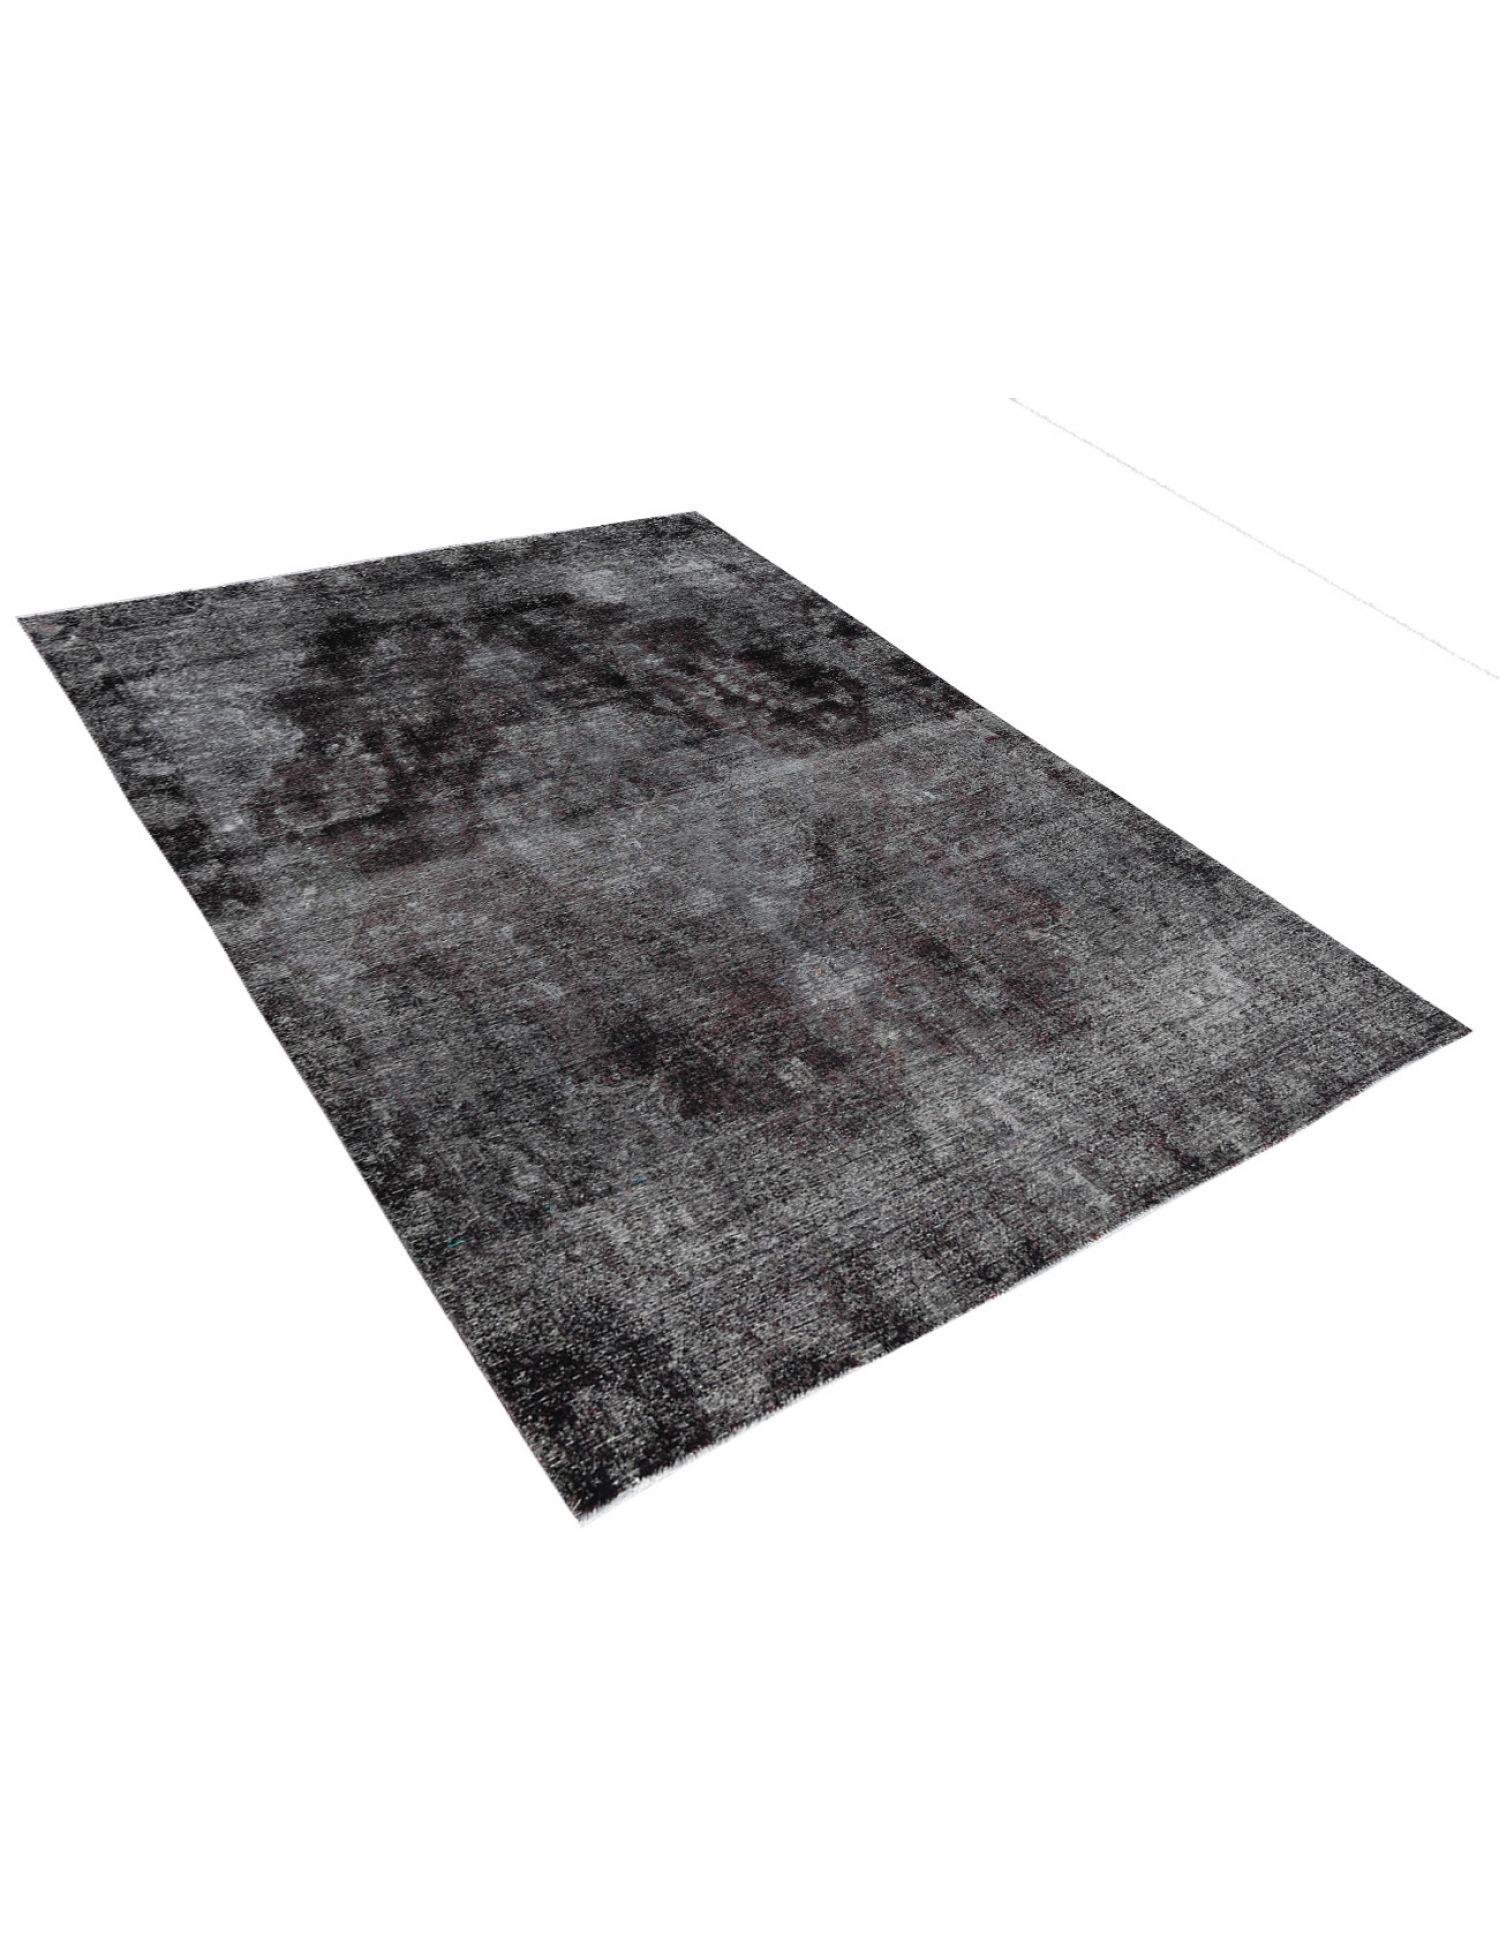 Vintage Teppich  schwarz <br/>362 x 272 cm